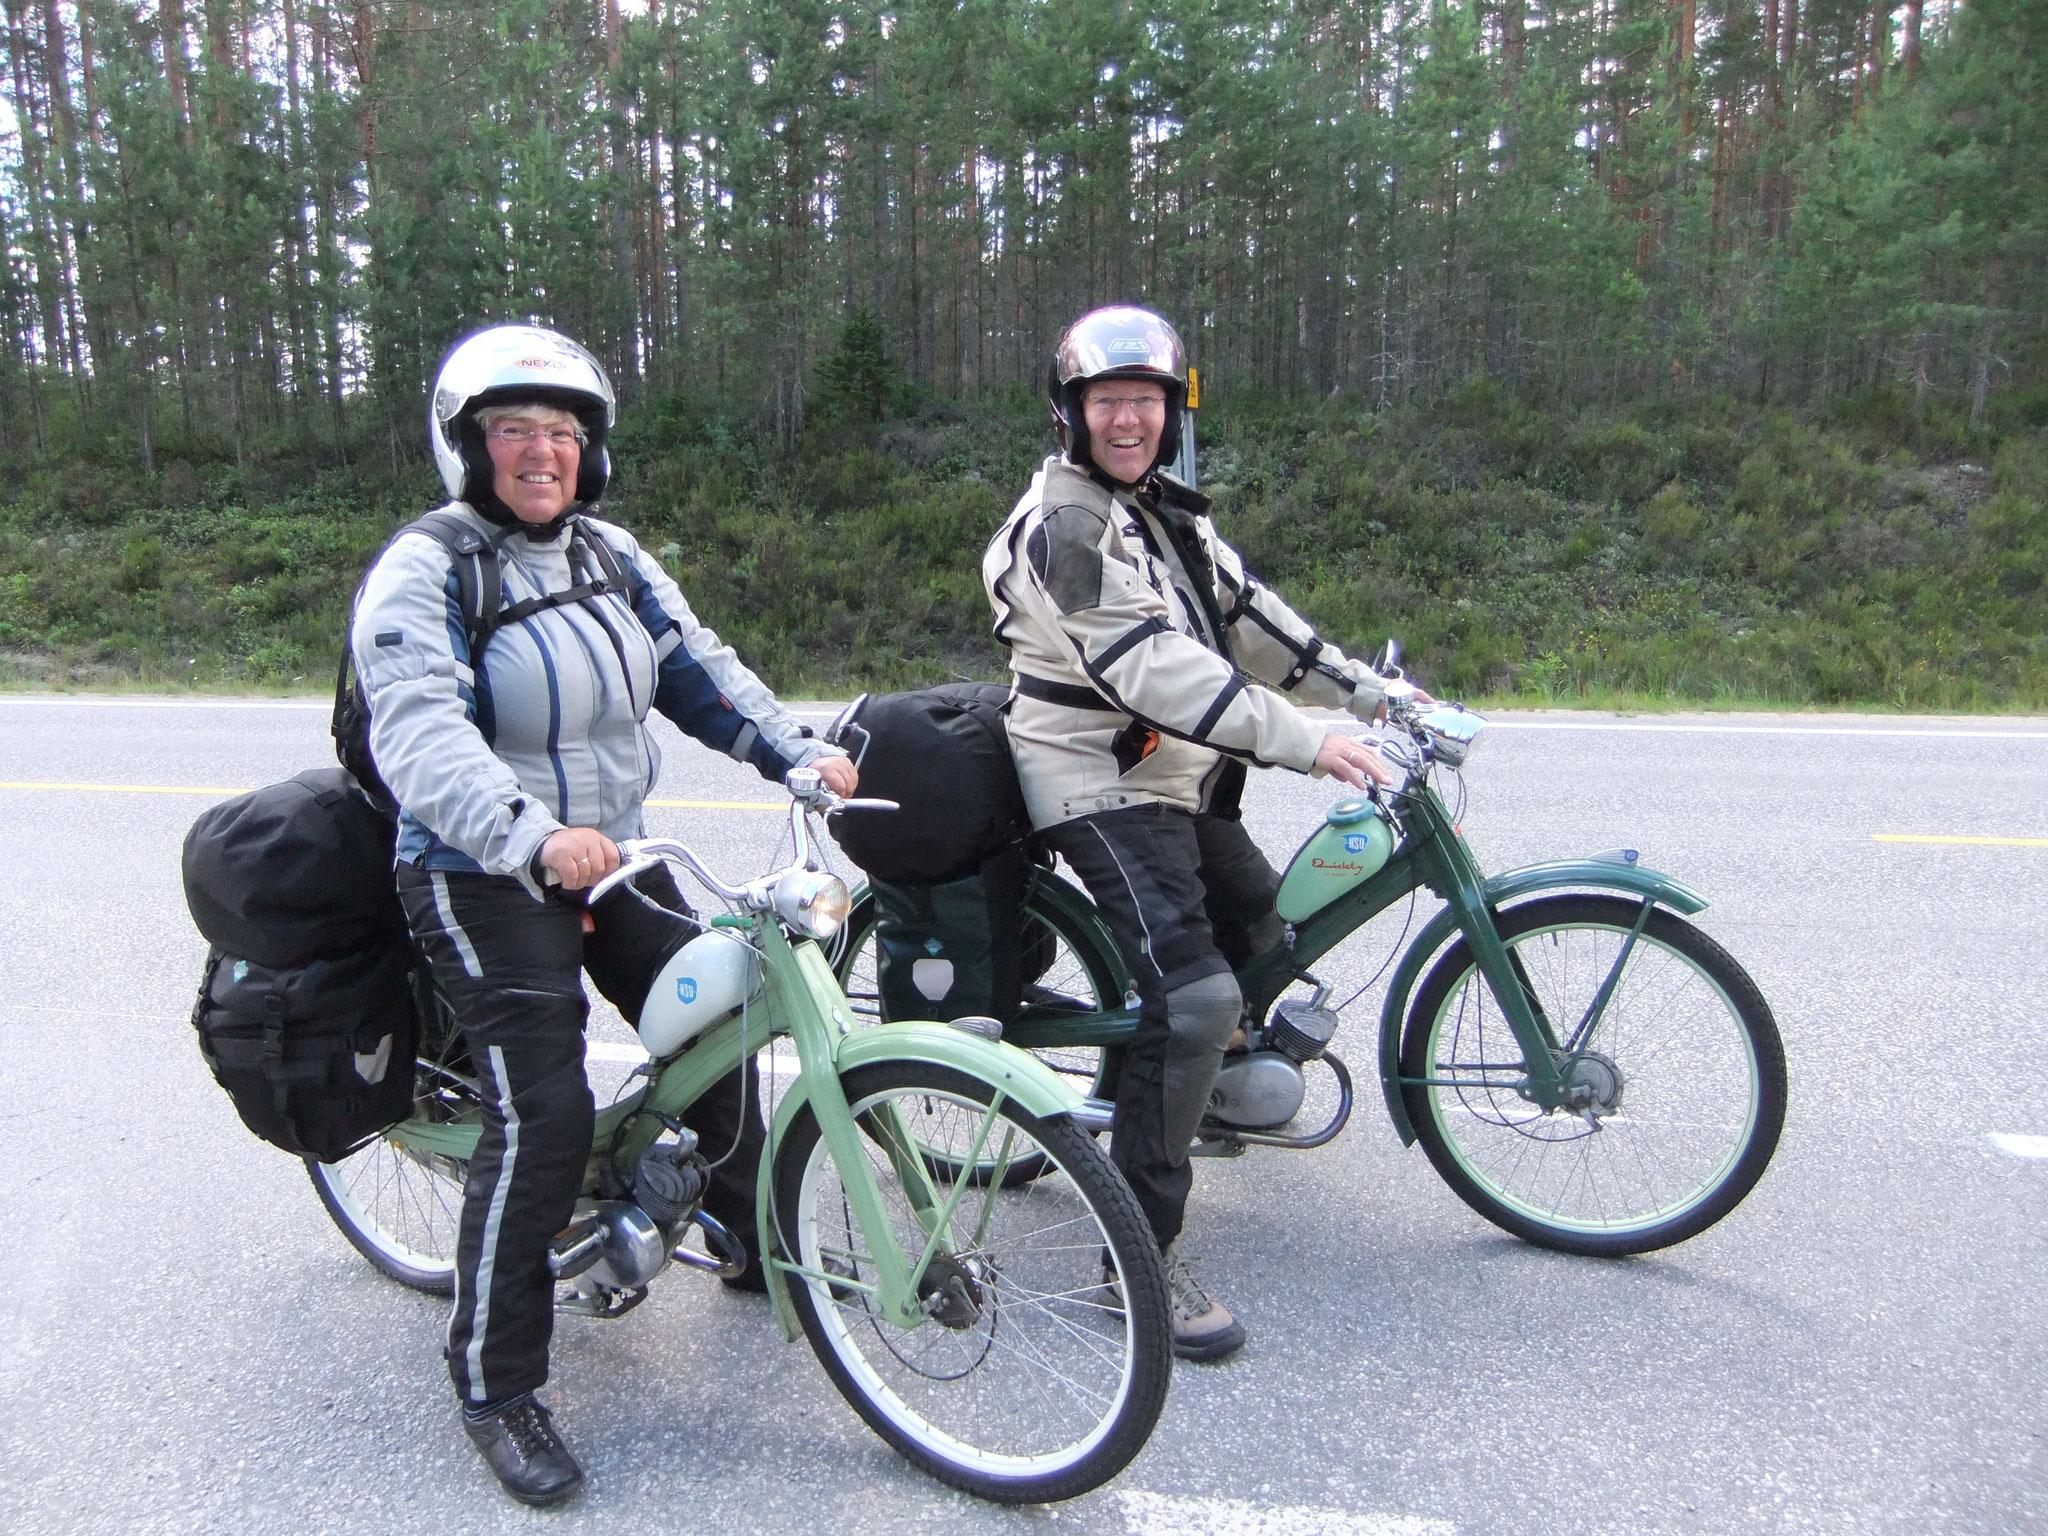 Norwegen, am Nisser mit den Quickly-Mopeds